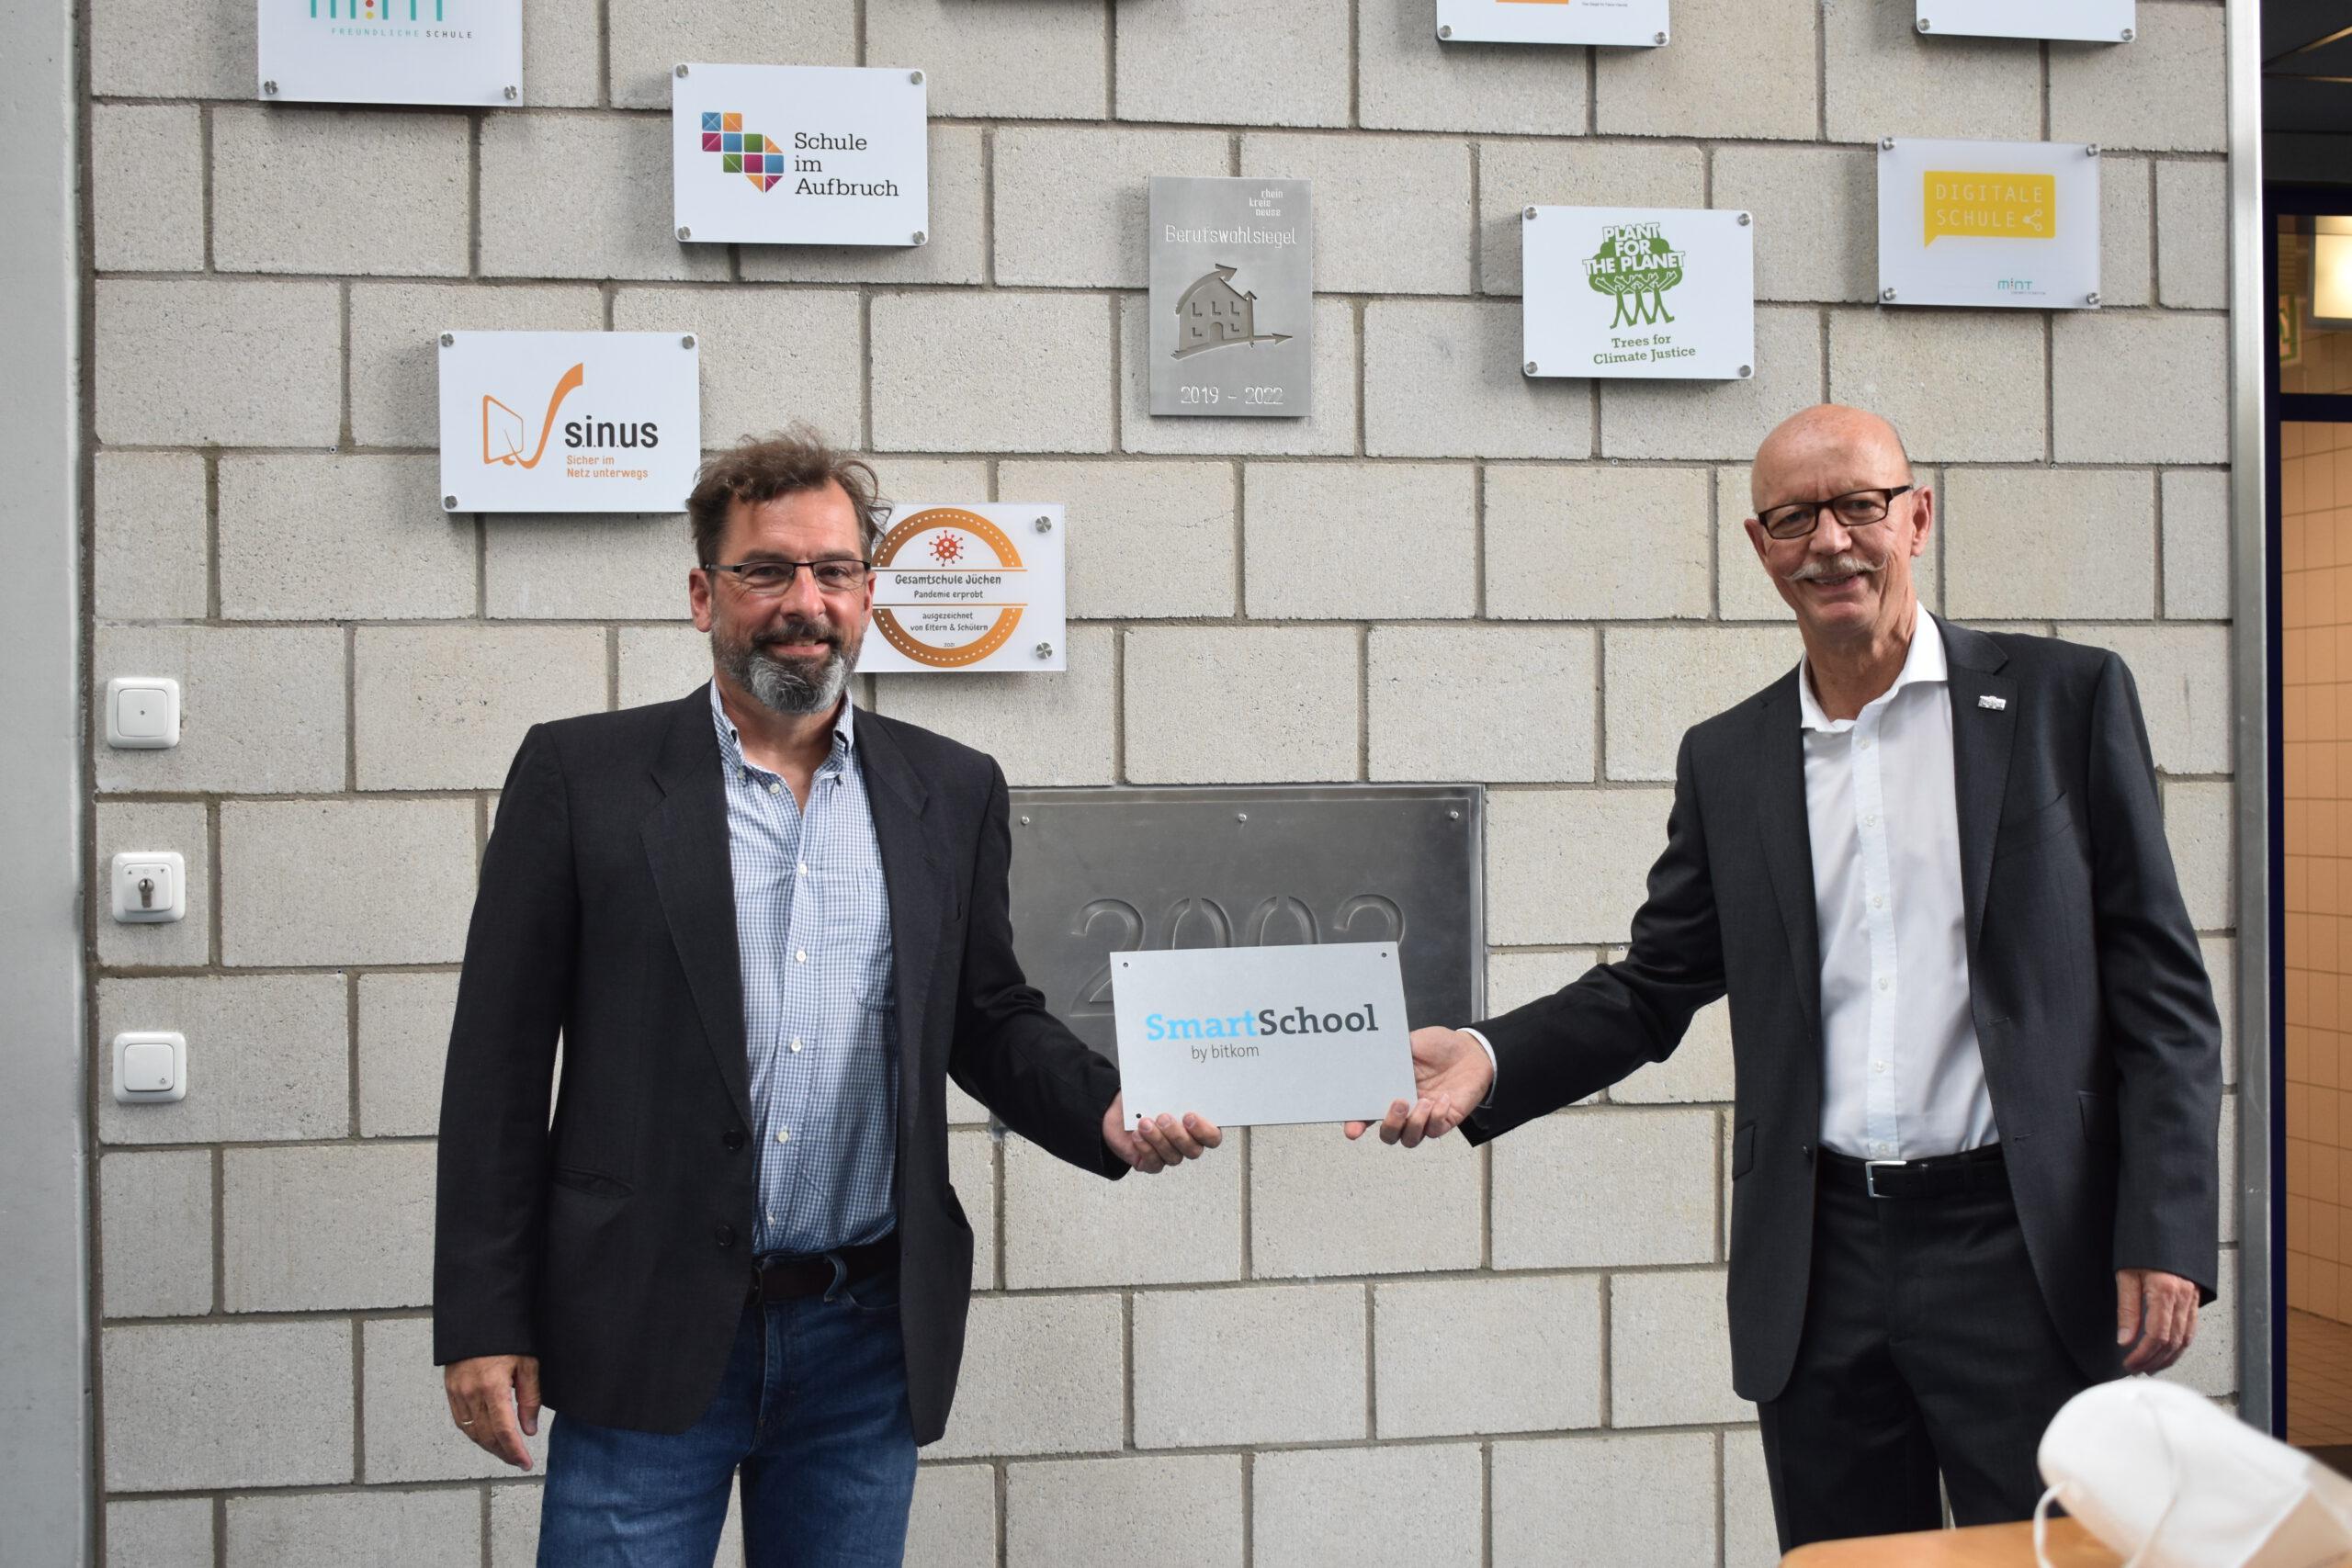 """Gesamtschule Jüchen erhält Auszeichnung """"smart-school by bitcom""""!"""